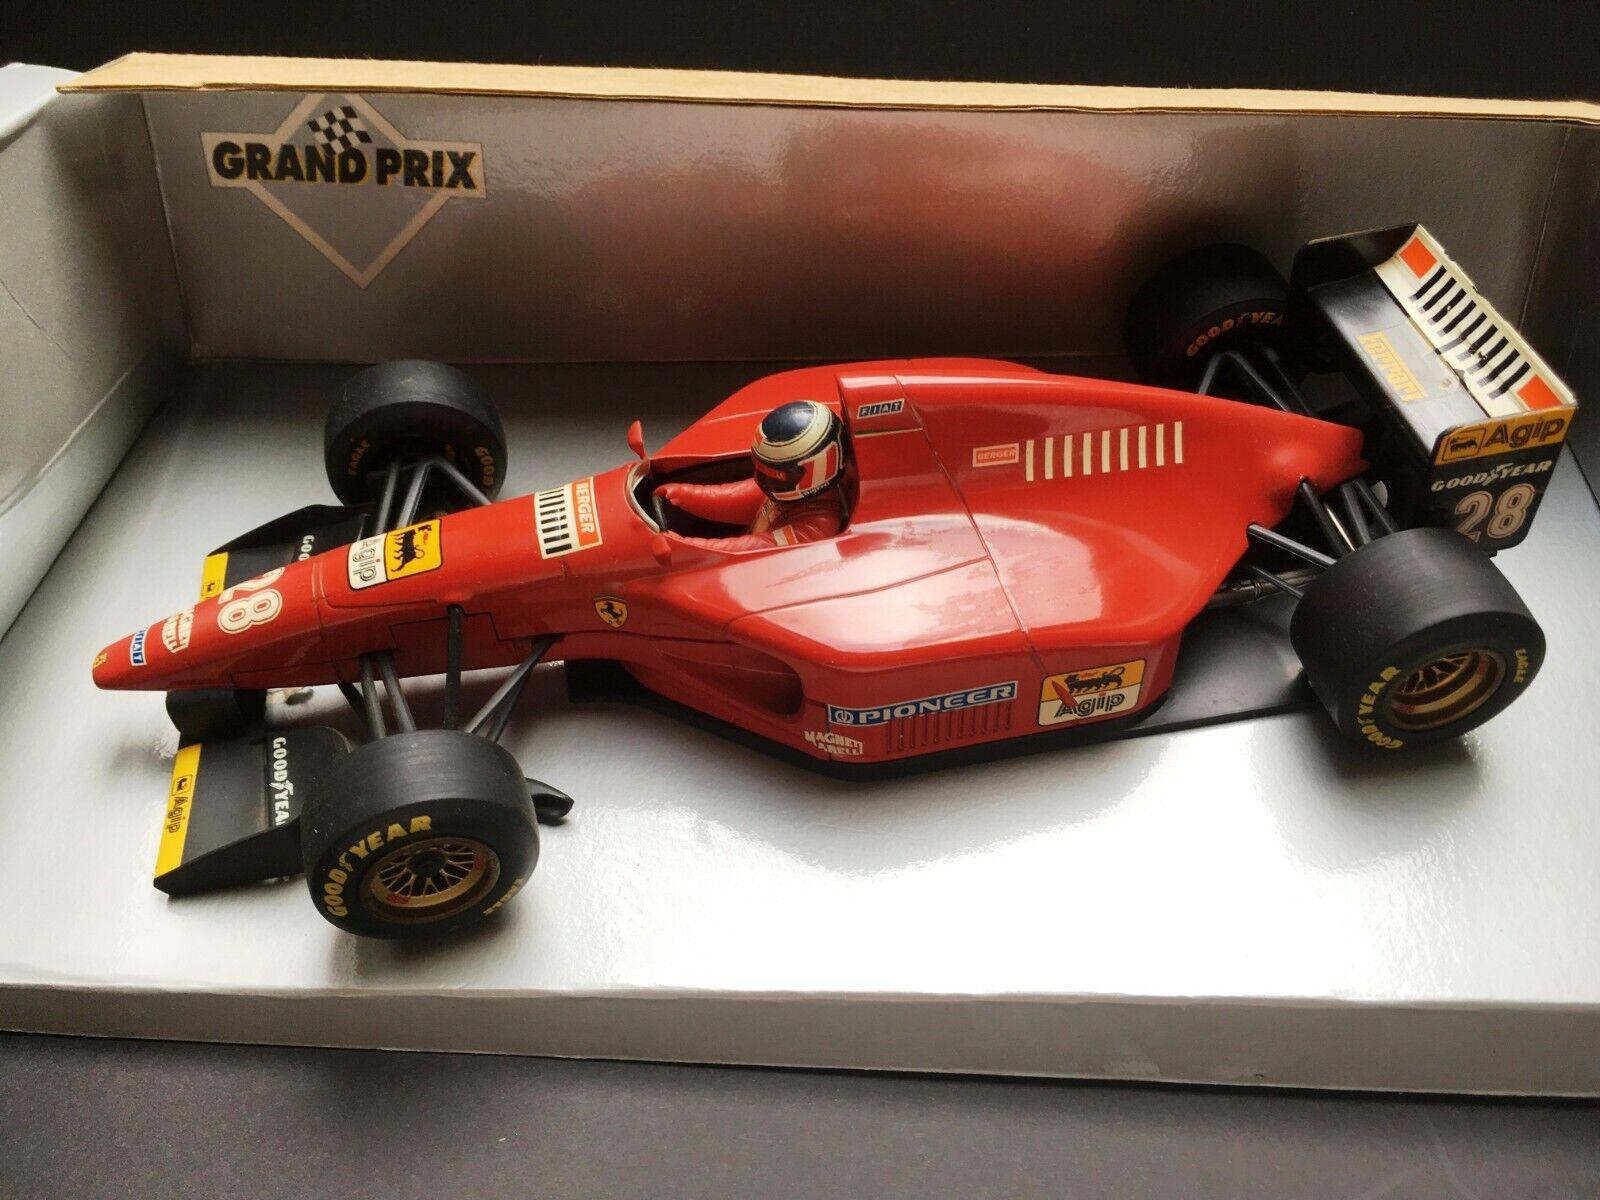 lo último Minichamps - Gerhard Berger - Ferrari - 412T1 - 1994 1994 1994 - 1 18 - Rare  Entrega directa y rápida de fábrica